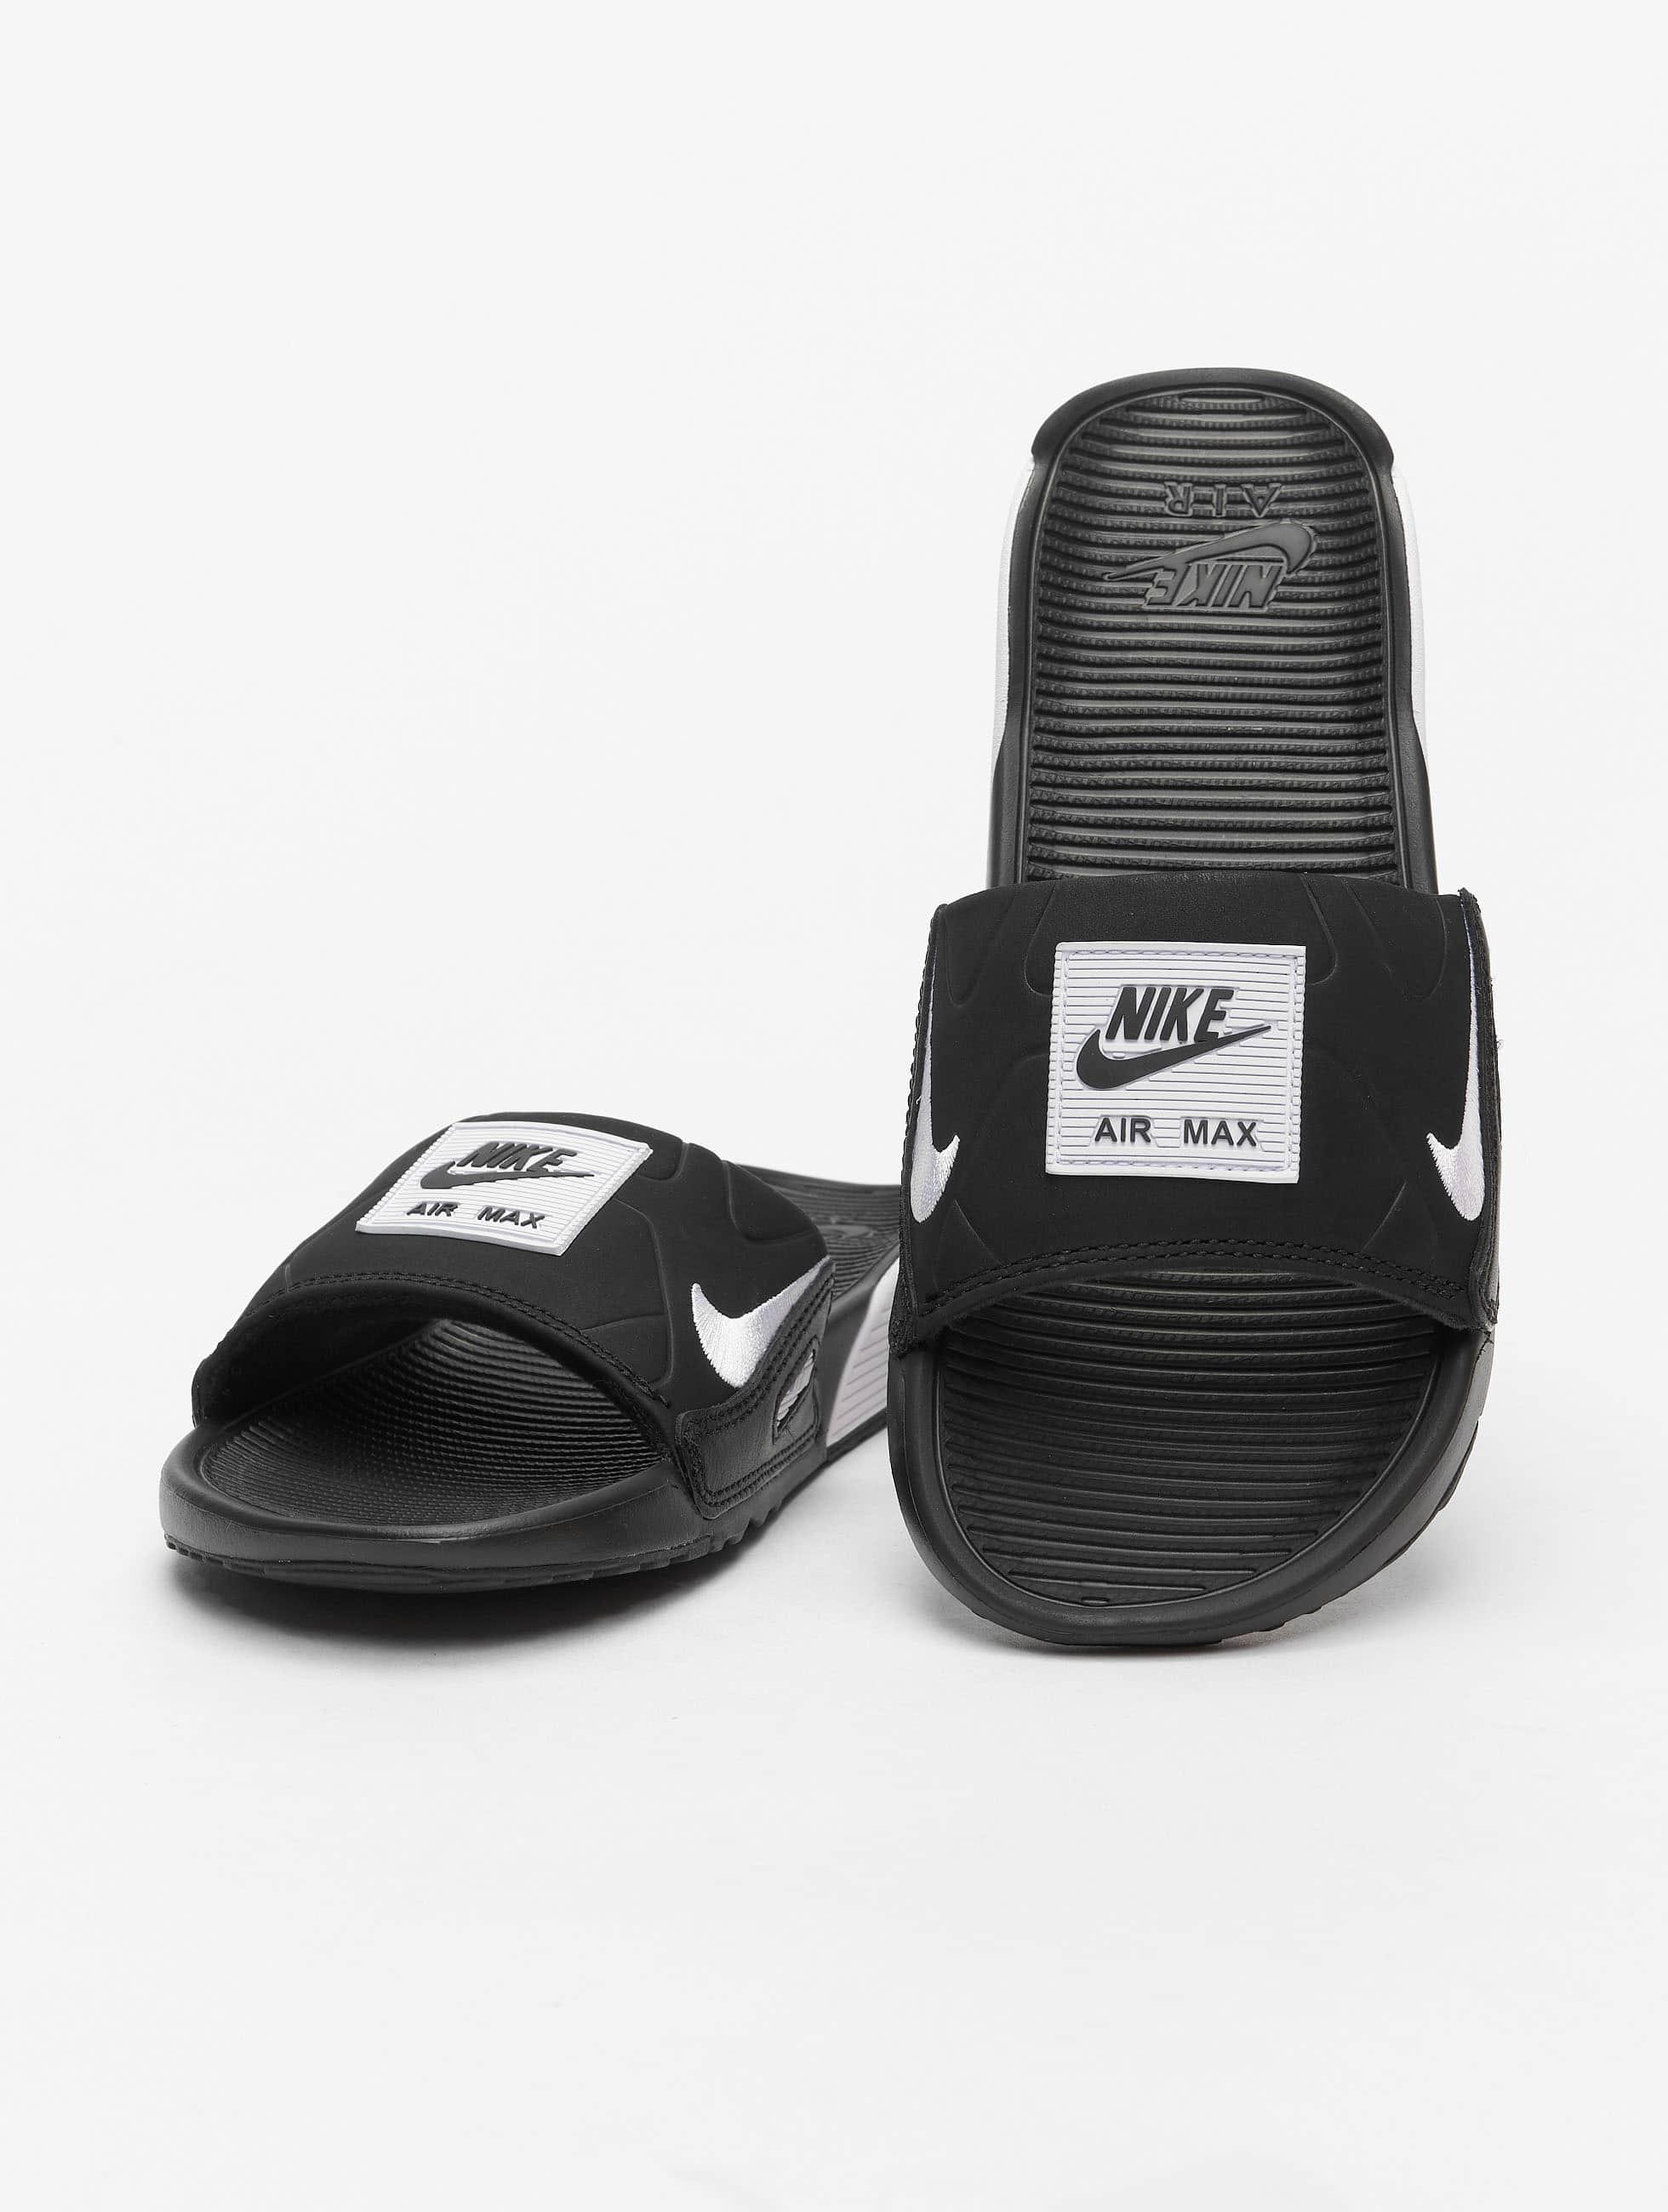 Soldes > nike air sandale > en stock